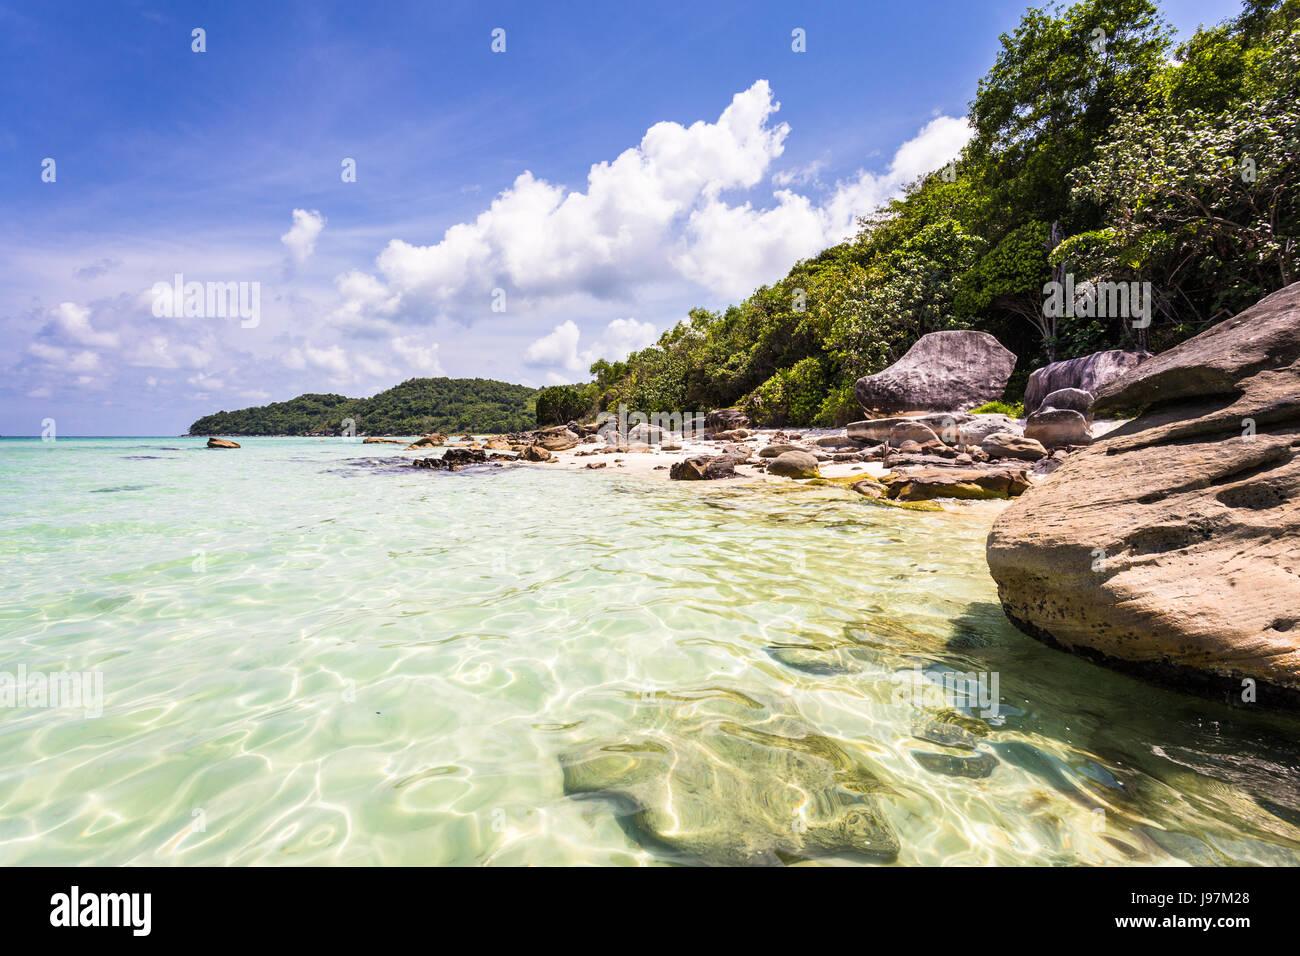 Bai Sao Traumstrand, d.h. weißen Sand, in der beliebten Phu Quoc Insel im Golf von Thailand im Süden Vietnams Stockbild